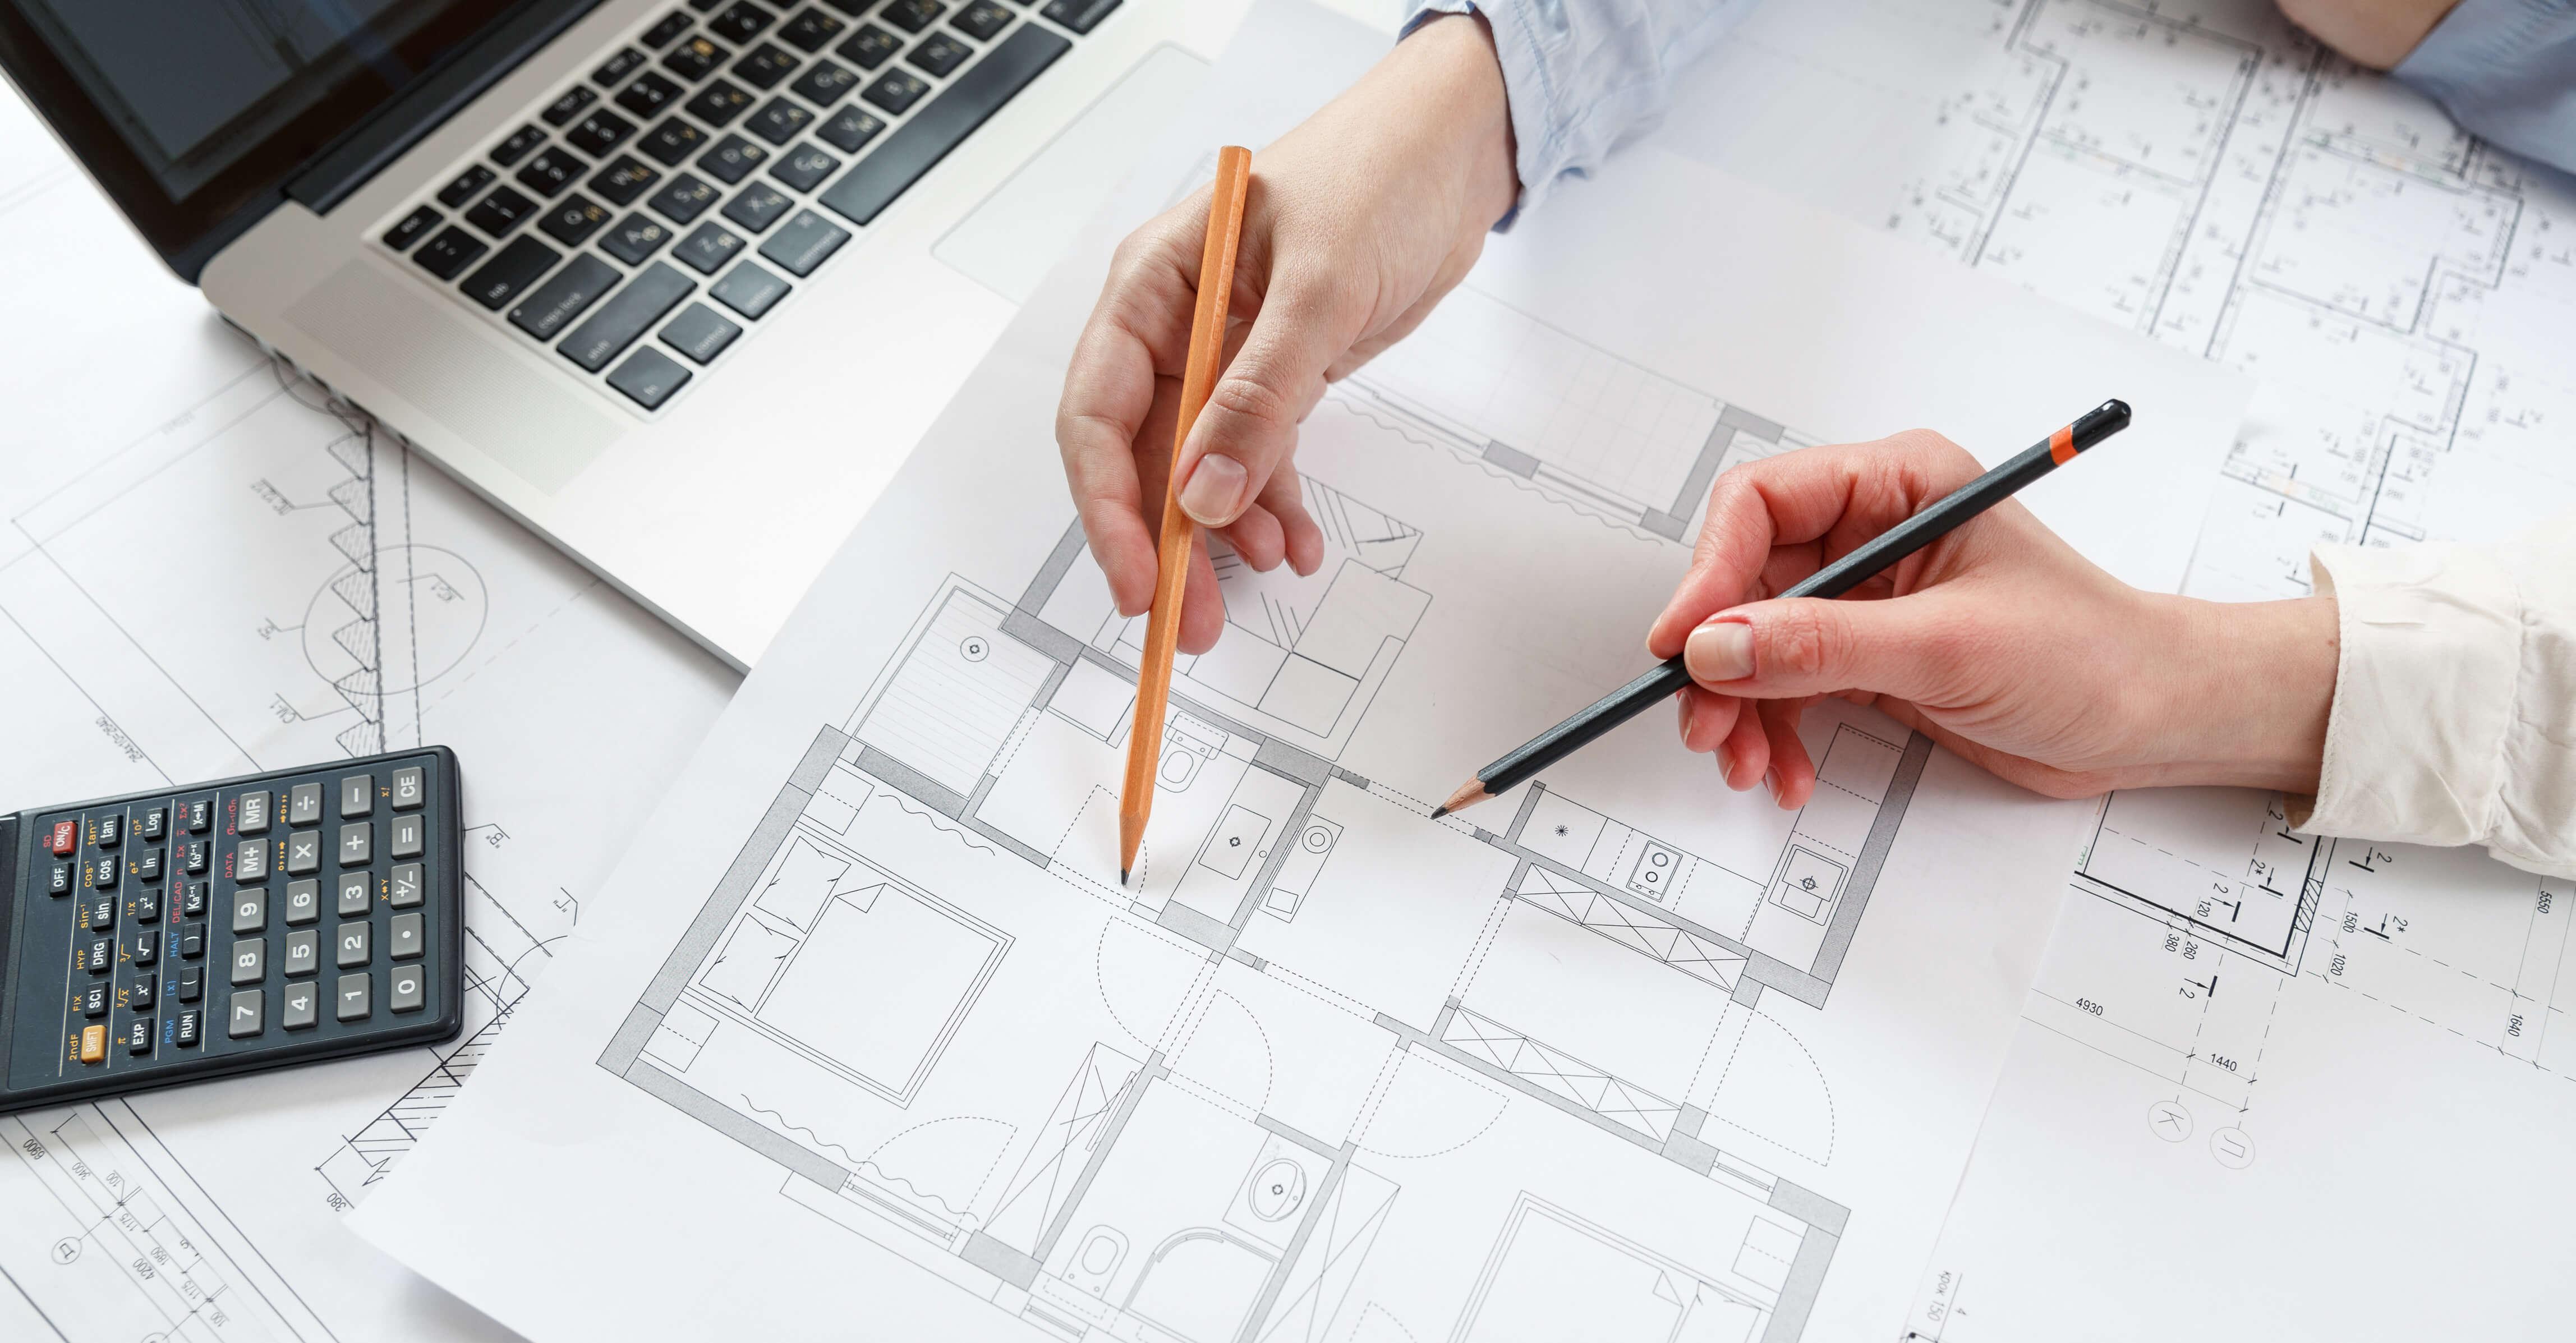 Gebäudetechnik und Engineering Dienstleistungen